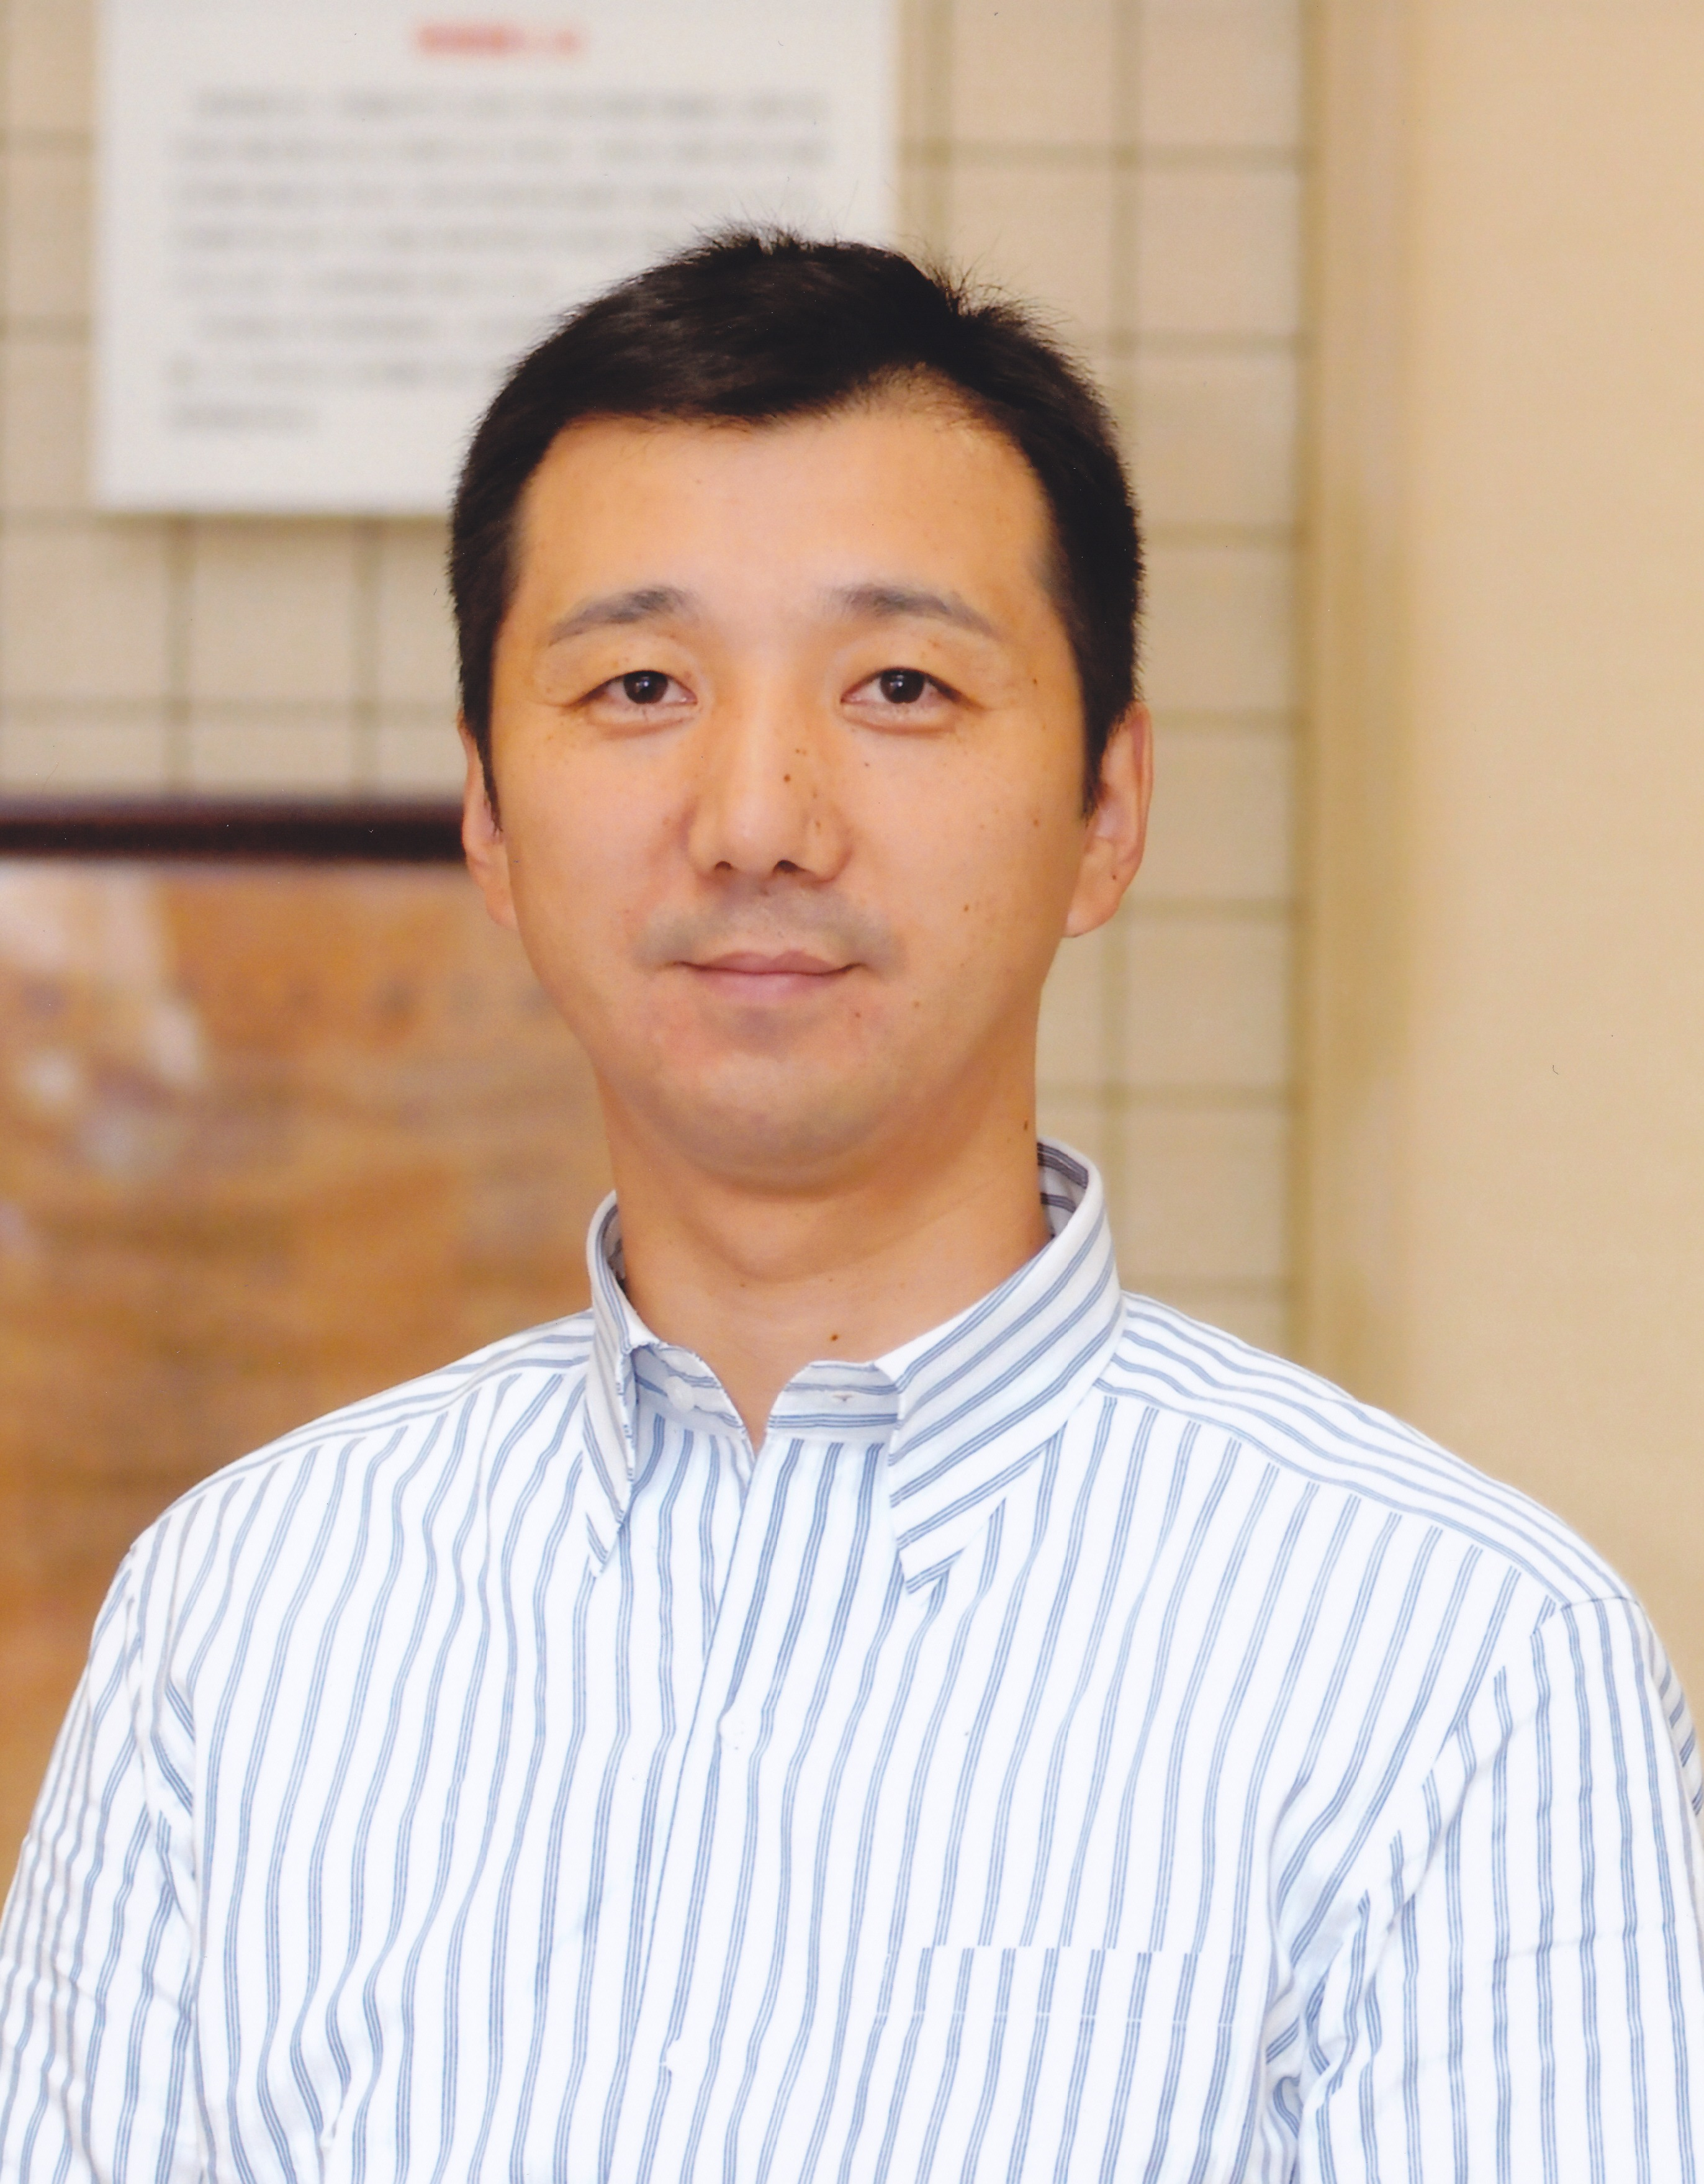 加藤幸治教授(教養文化・学芸員課程)